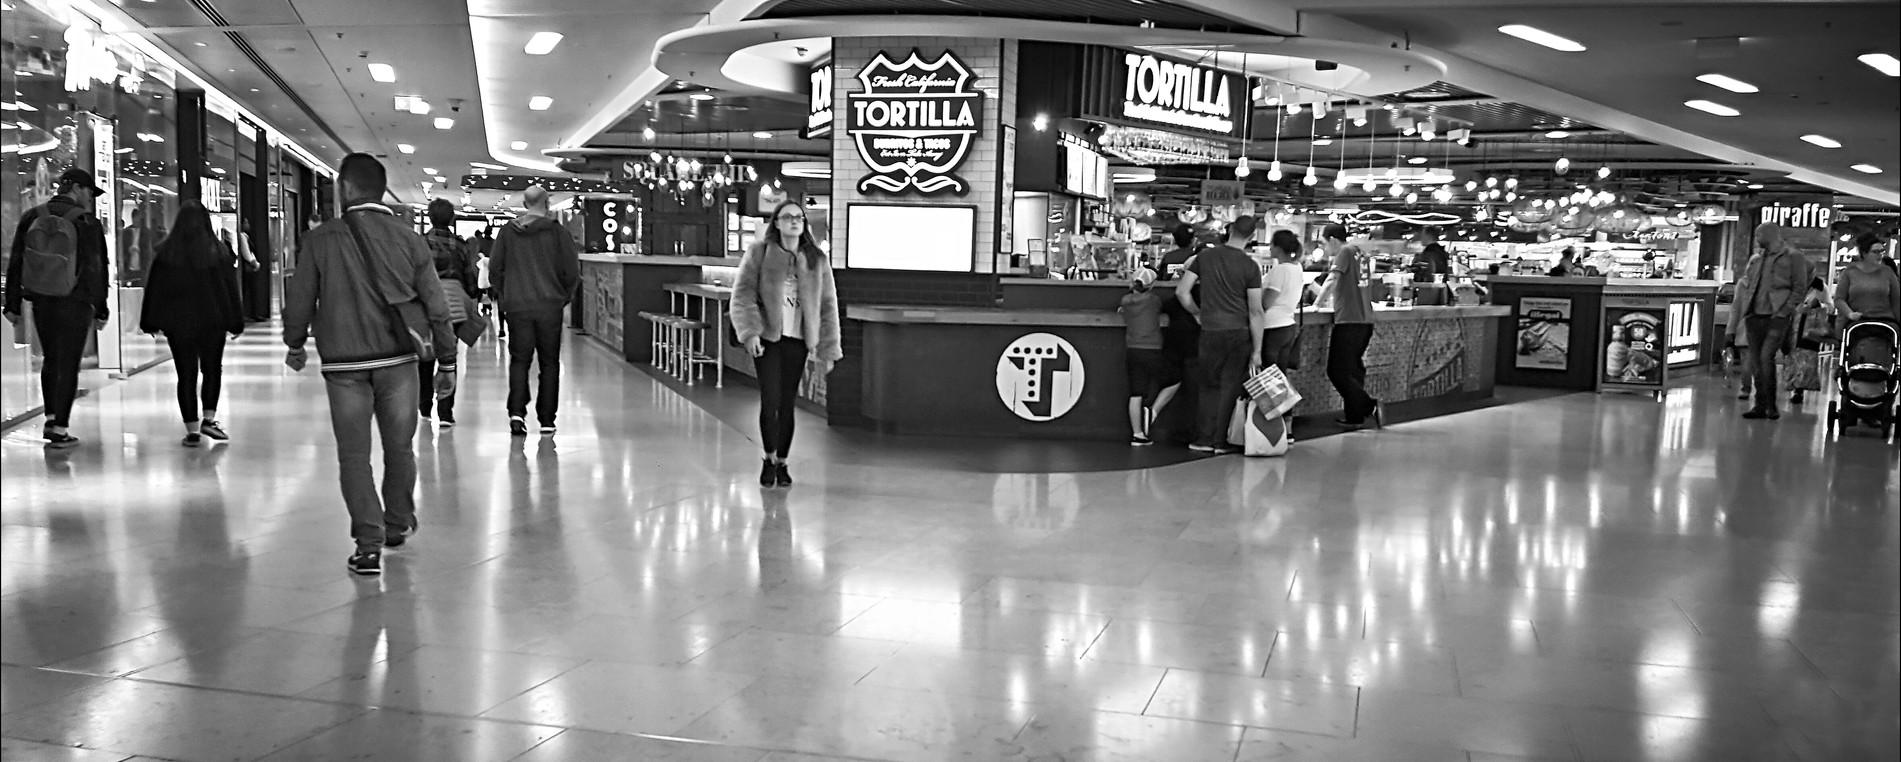 Brum Grand Central MallB.jpg